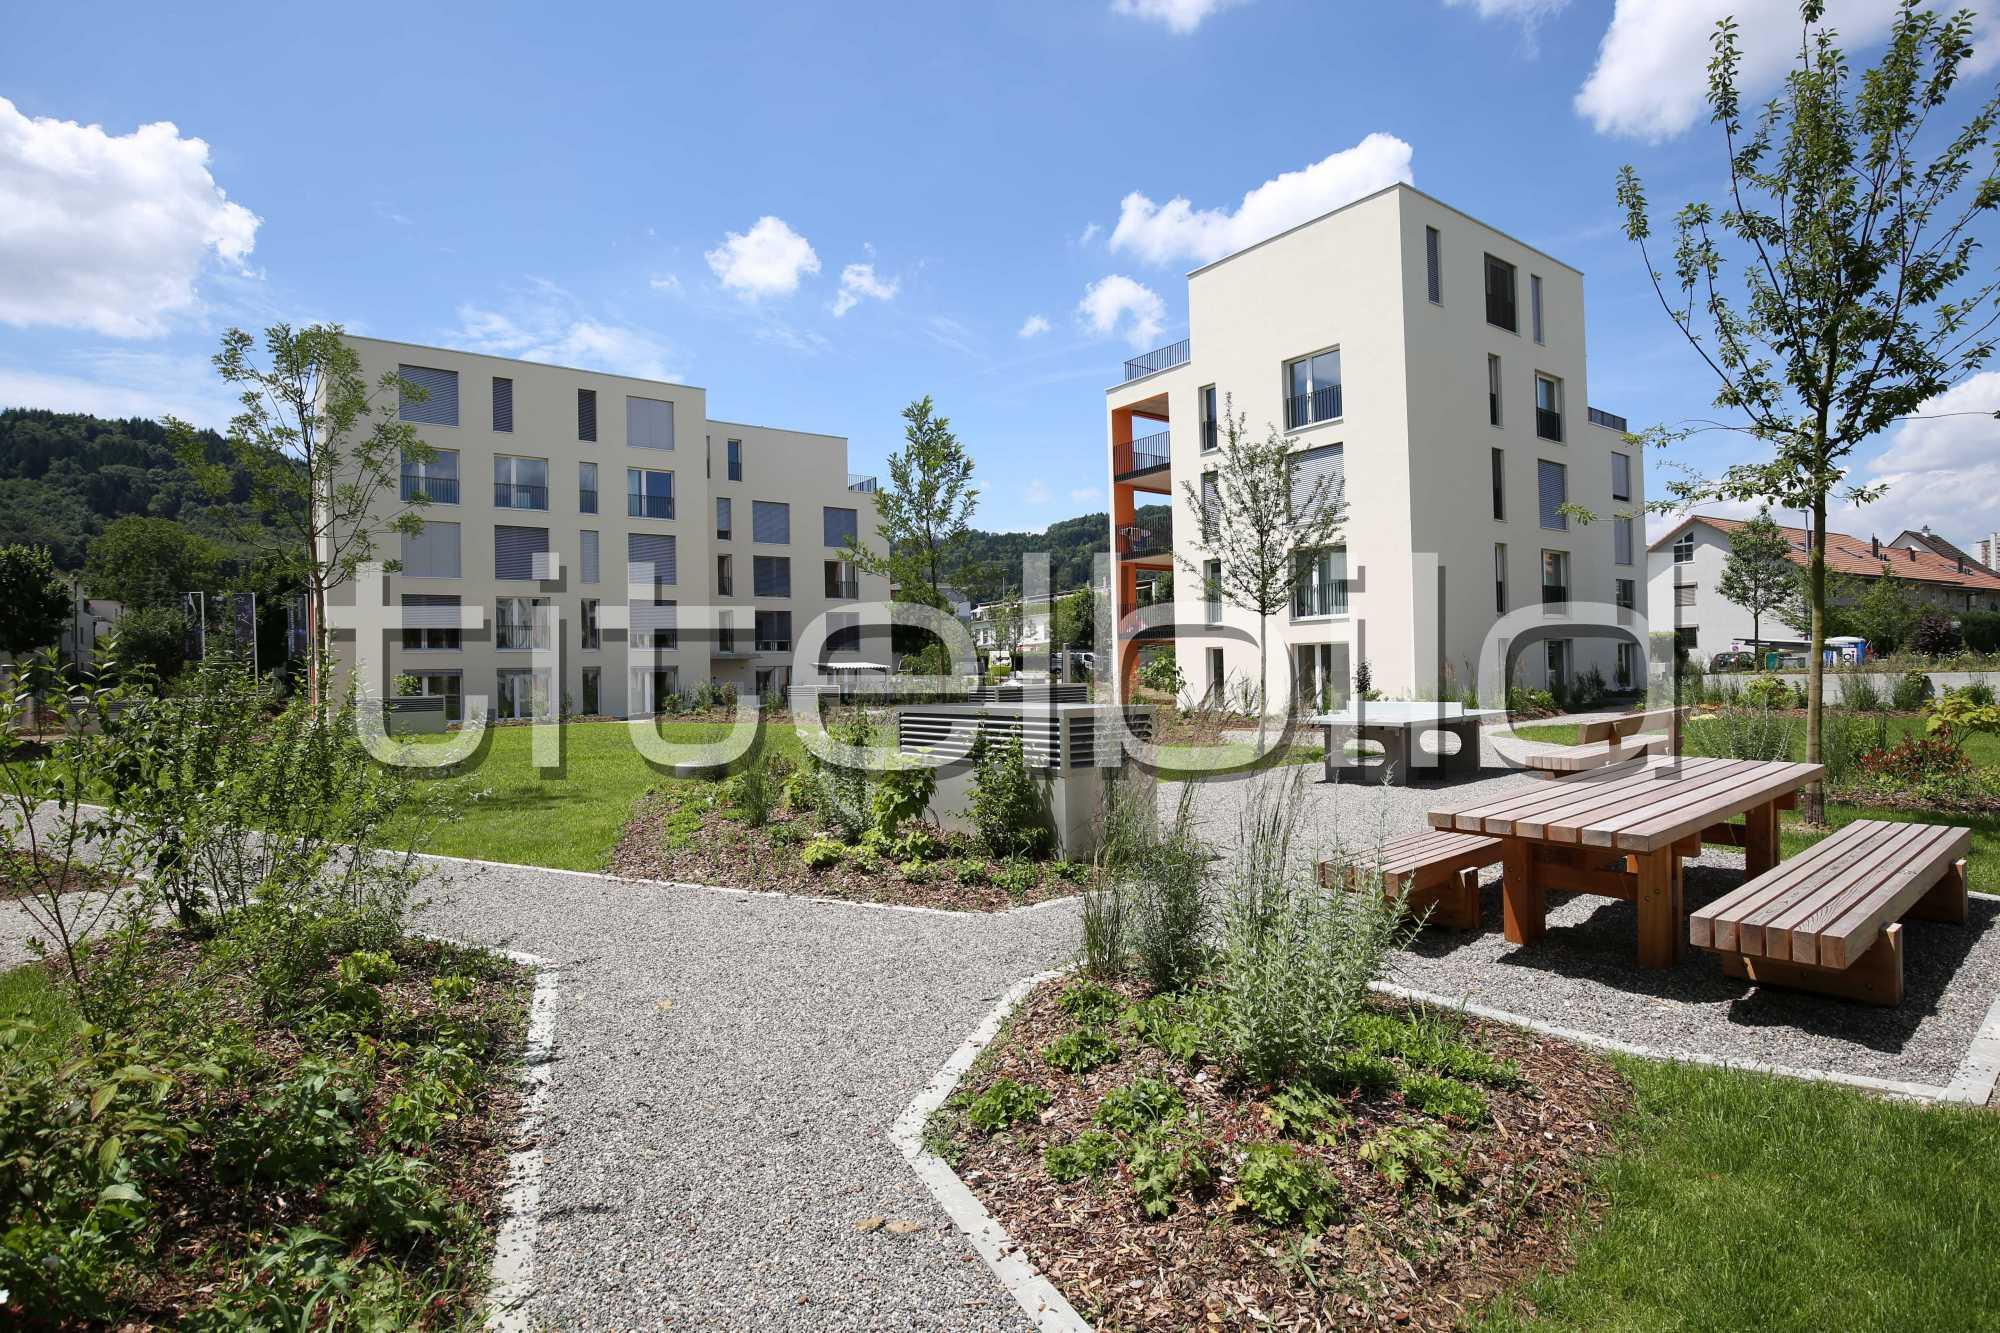 Projektbild-Nr. 5: Sternenfeld